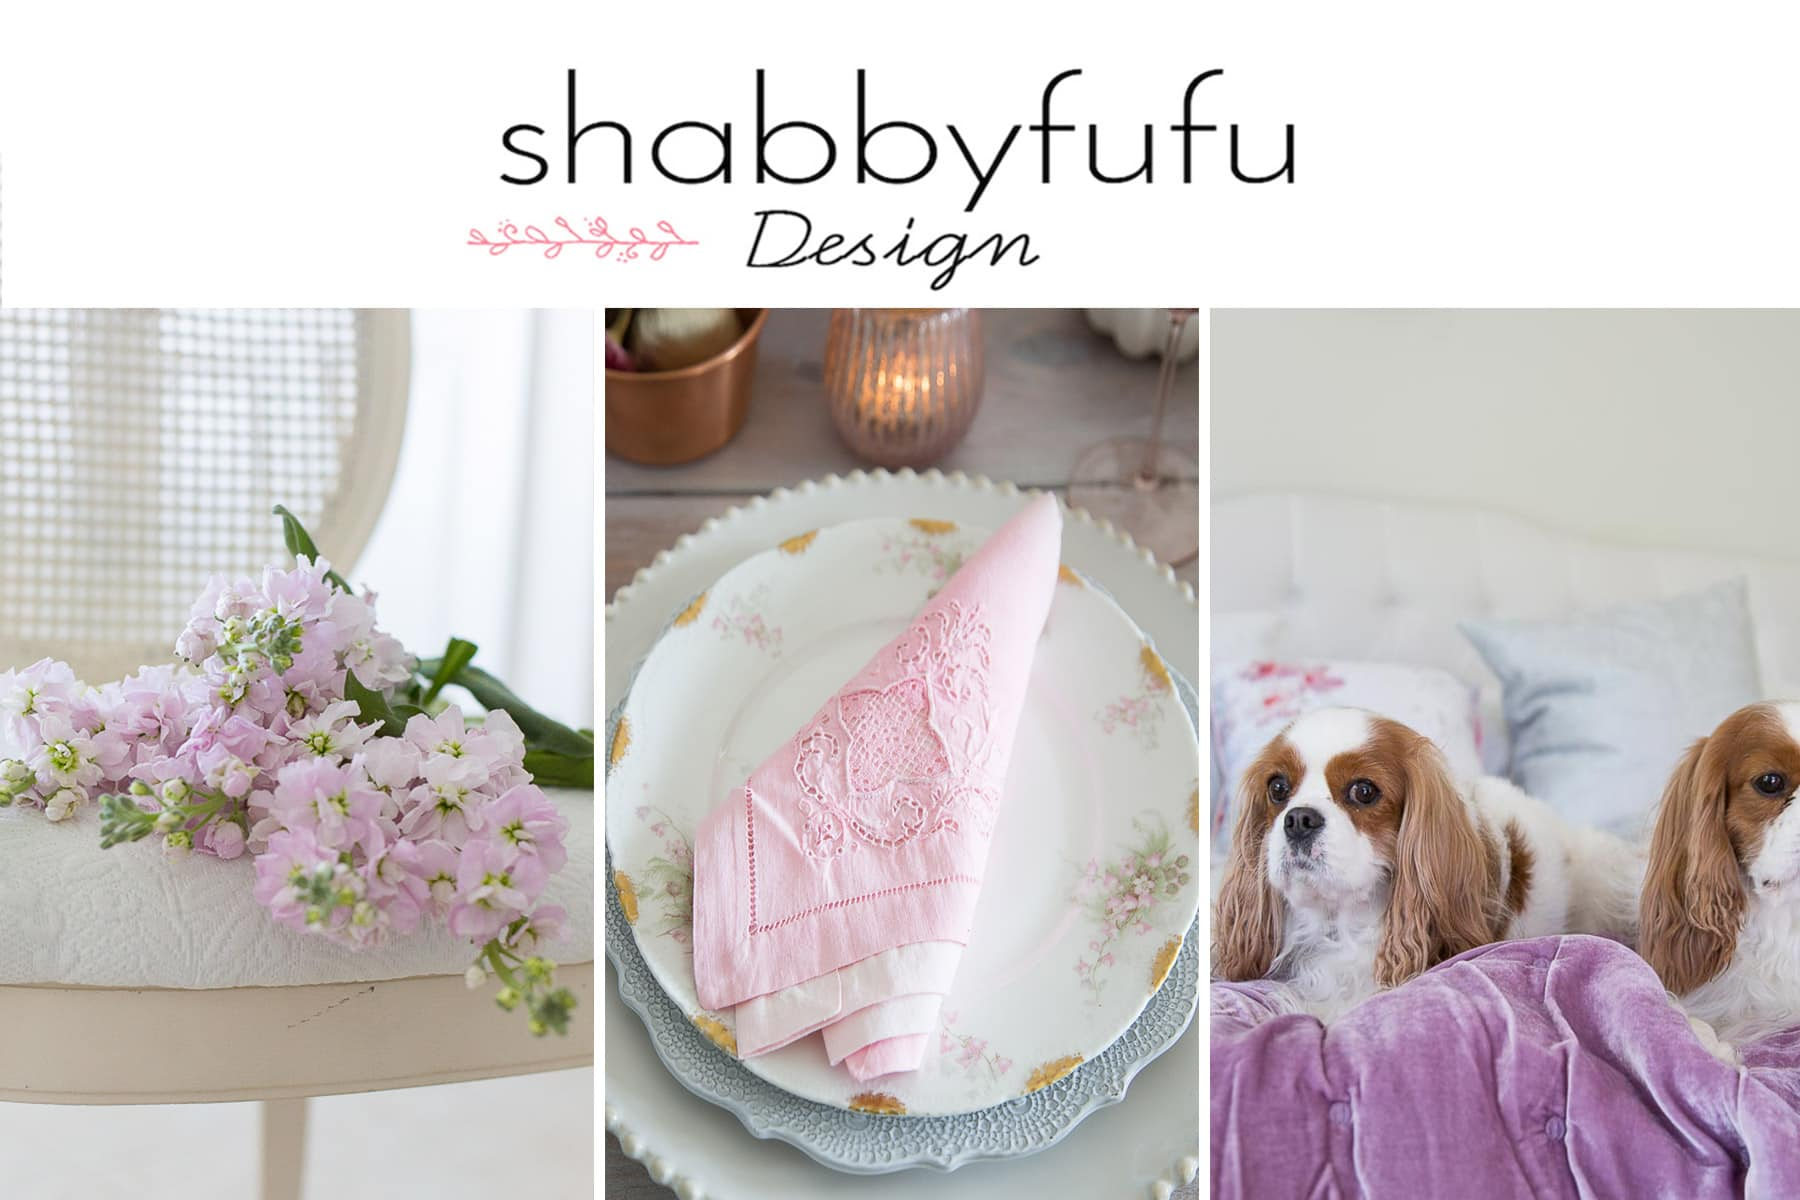 Shabbyfufu Style Showcase 2